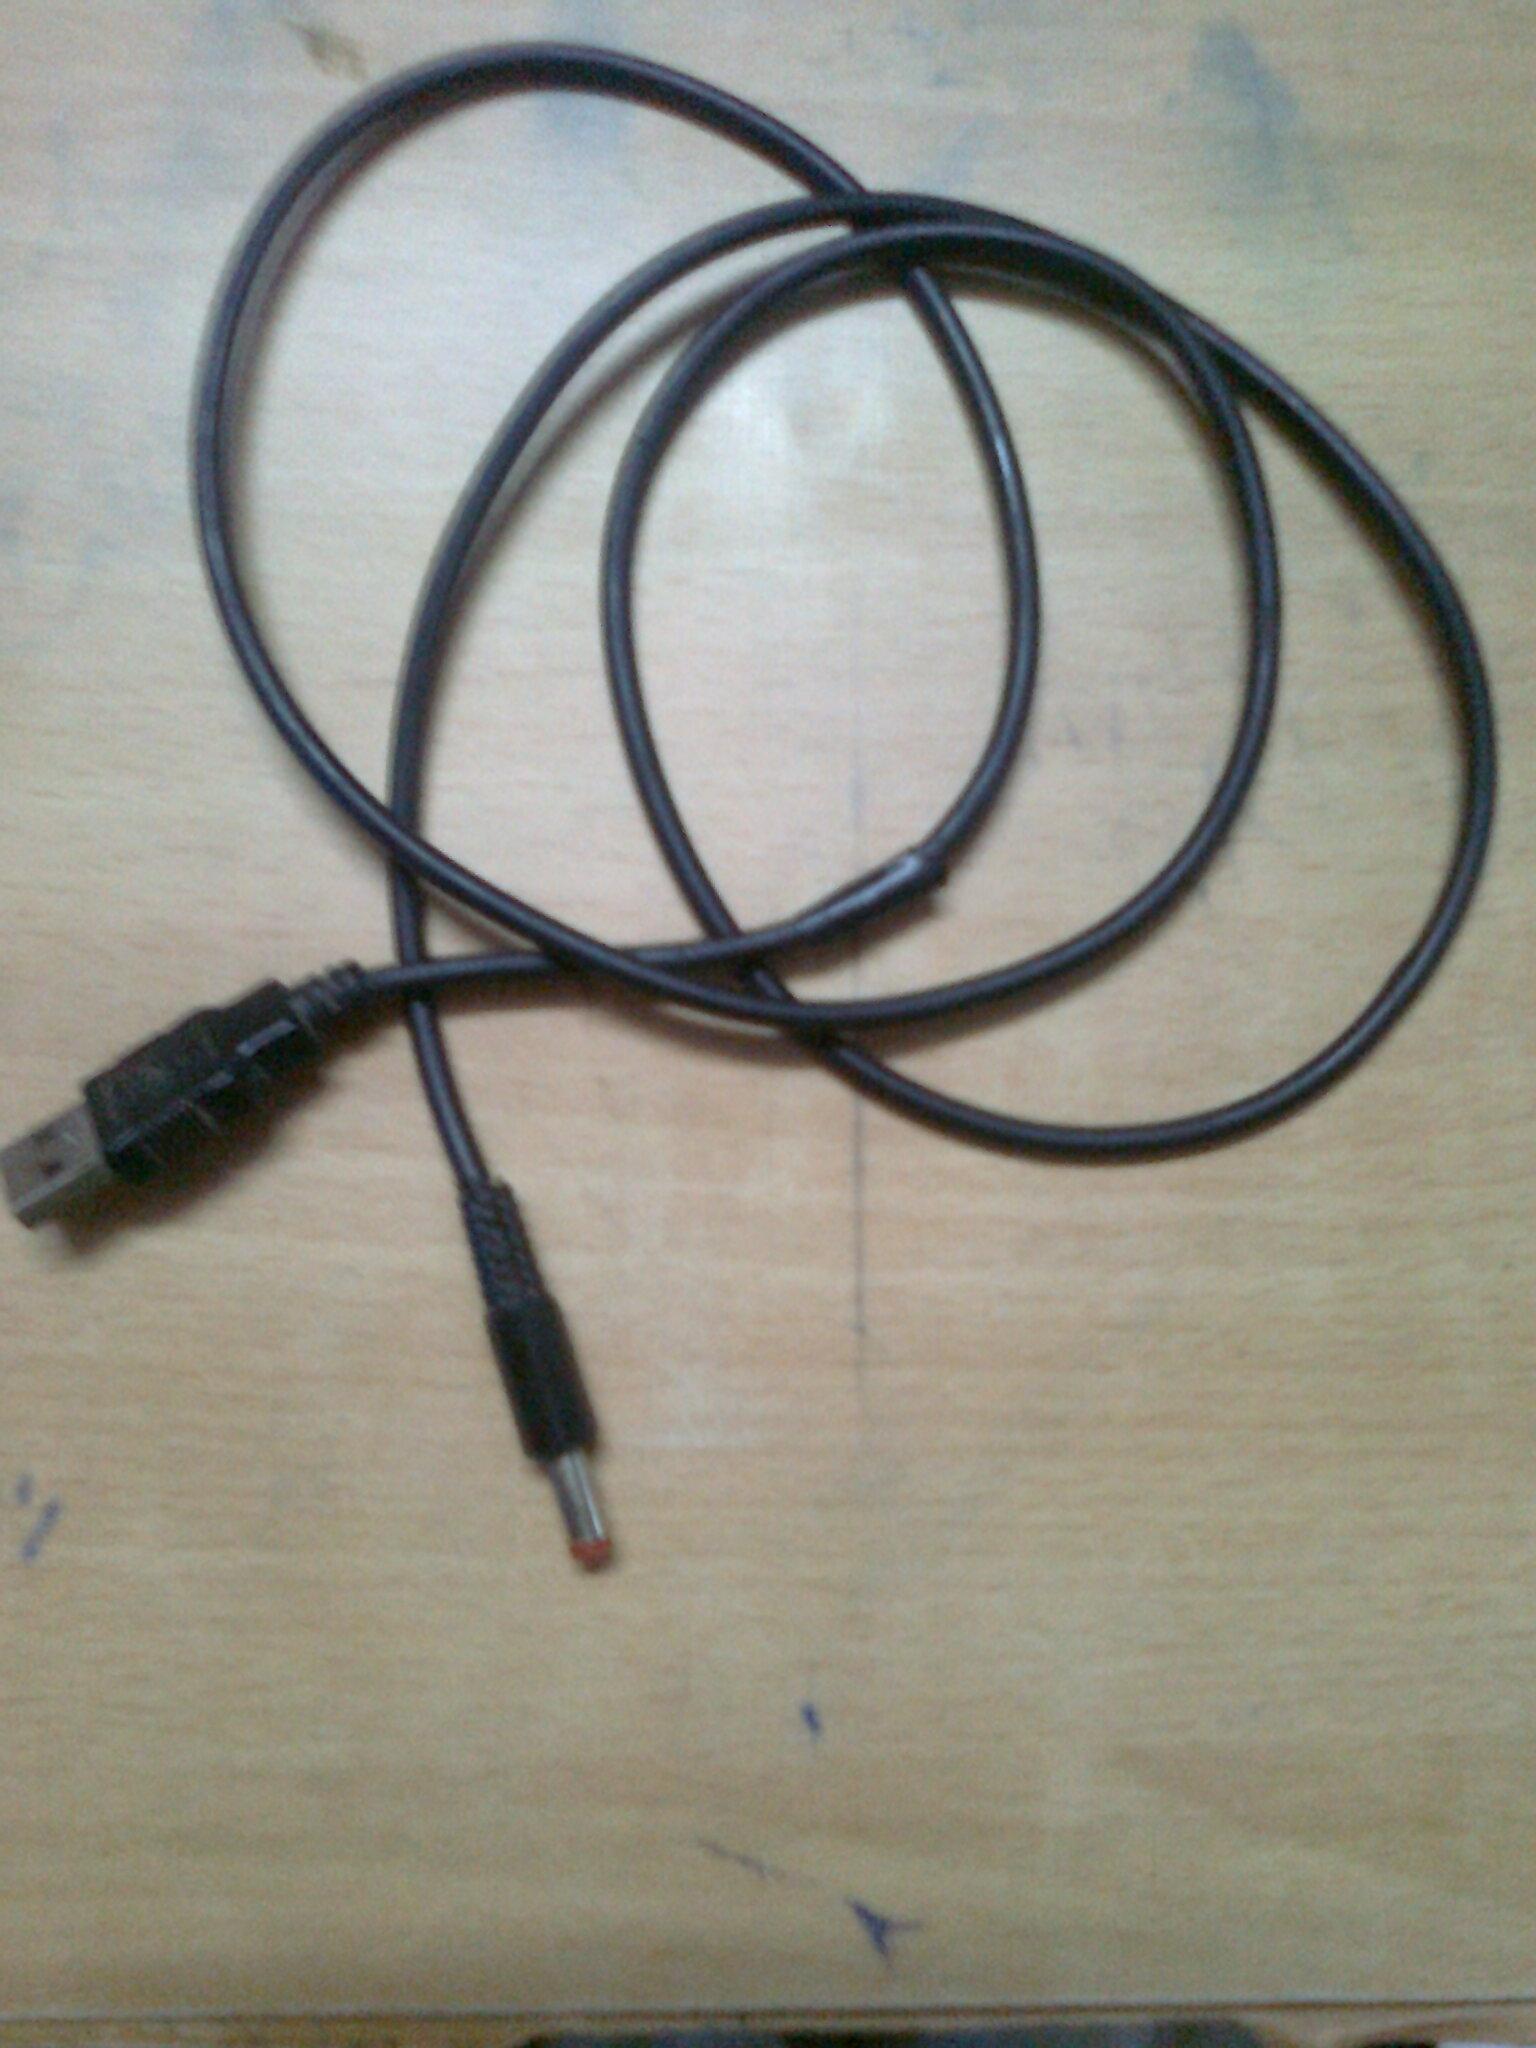 Usb power supply for a Speaker